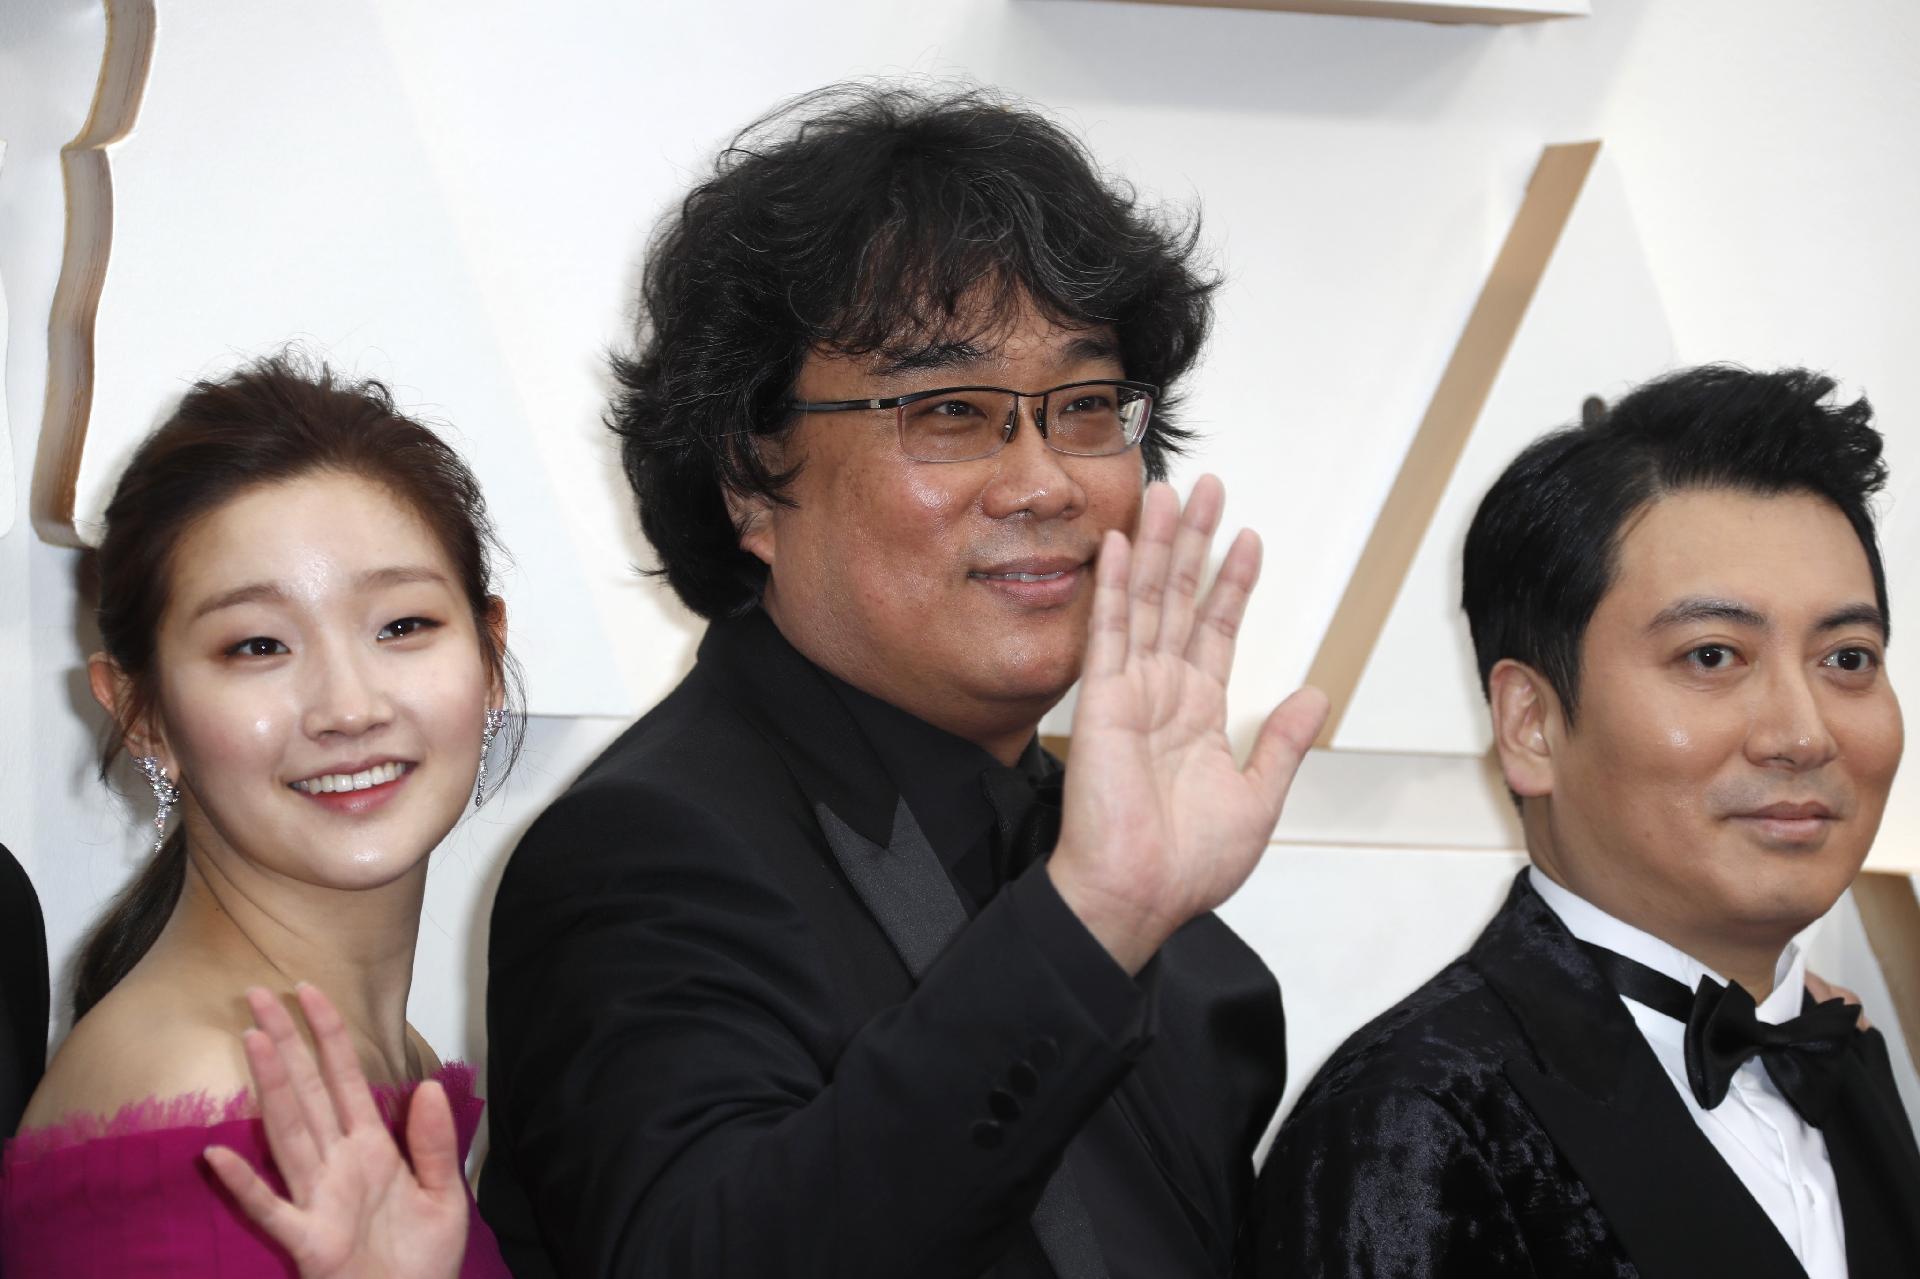 bong-joon-ho-diretor-de-parasita-posa-no-tapete-vermelho-durante-a-chegada-a-cerimonia-do-oscar-2020-em-hollywood-1581288154943_v2_1920x1279.jpg